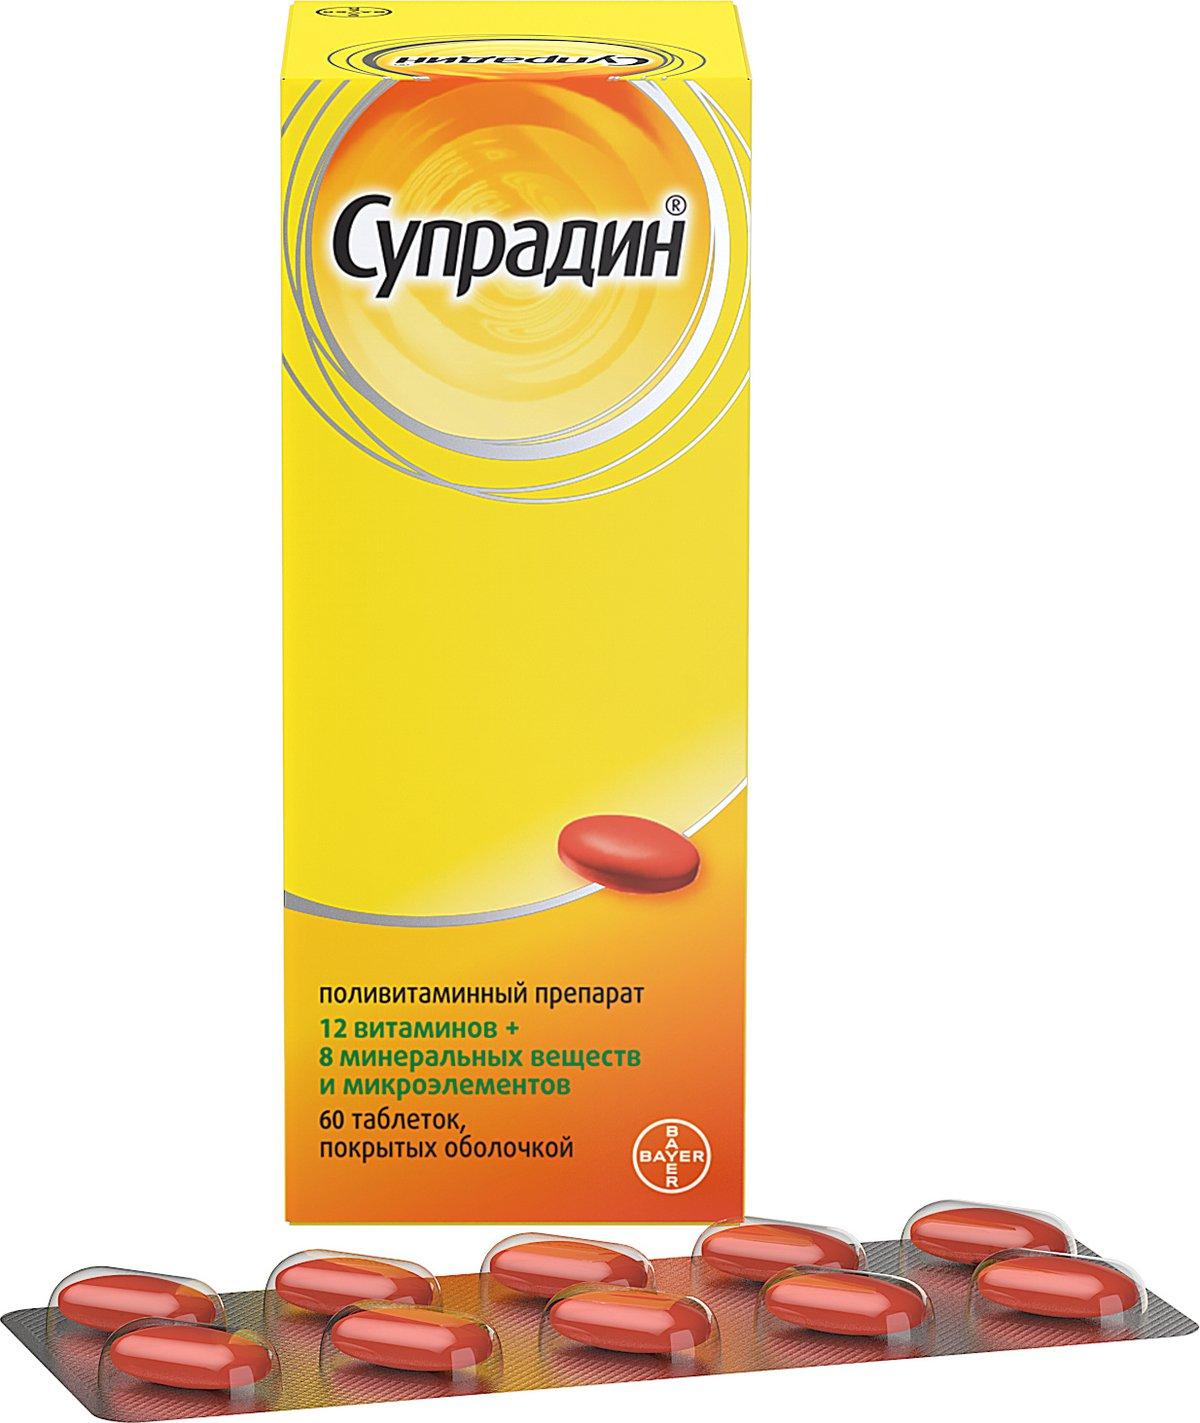 60-tabletok-supradin